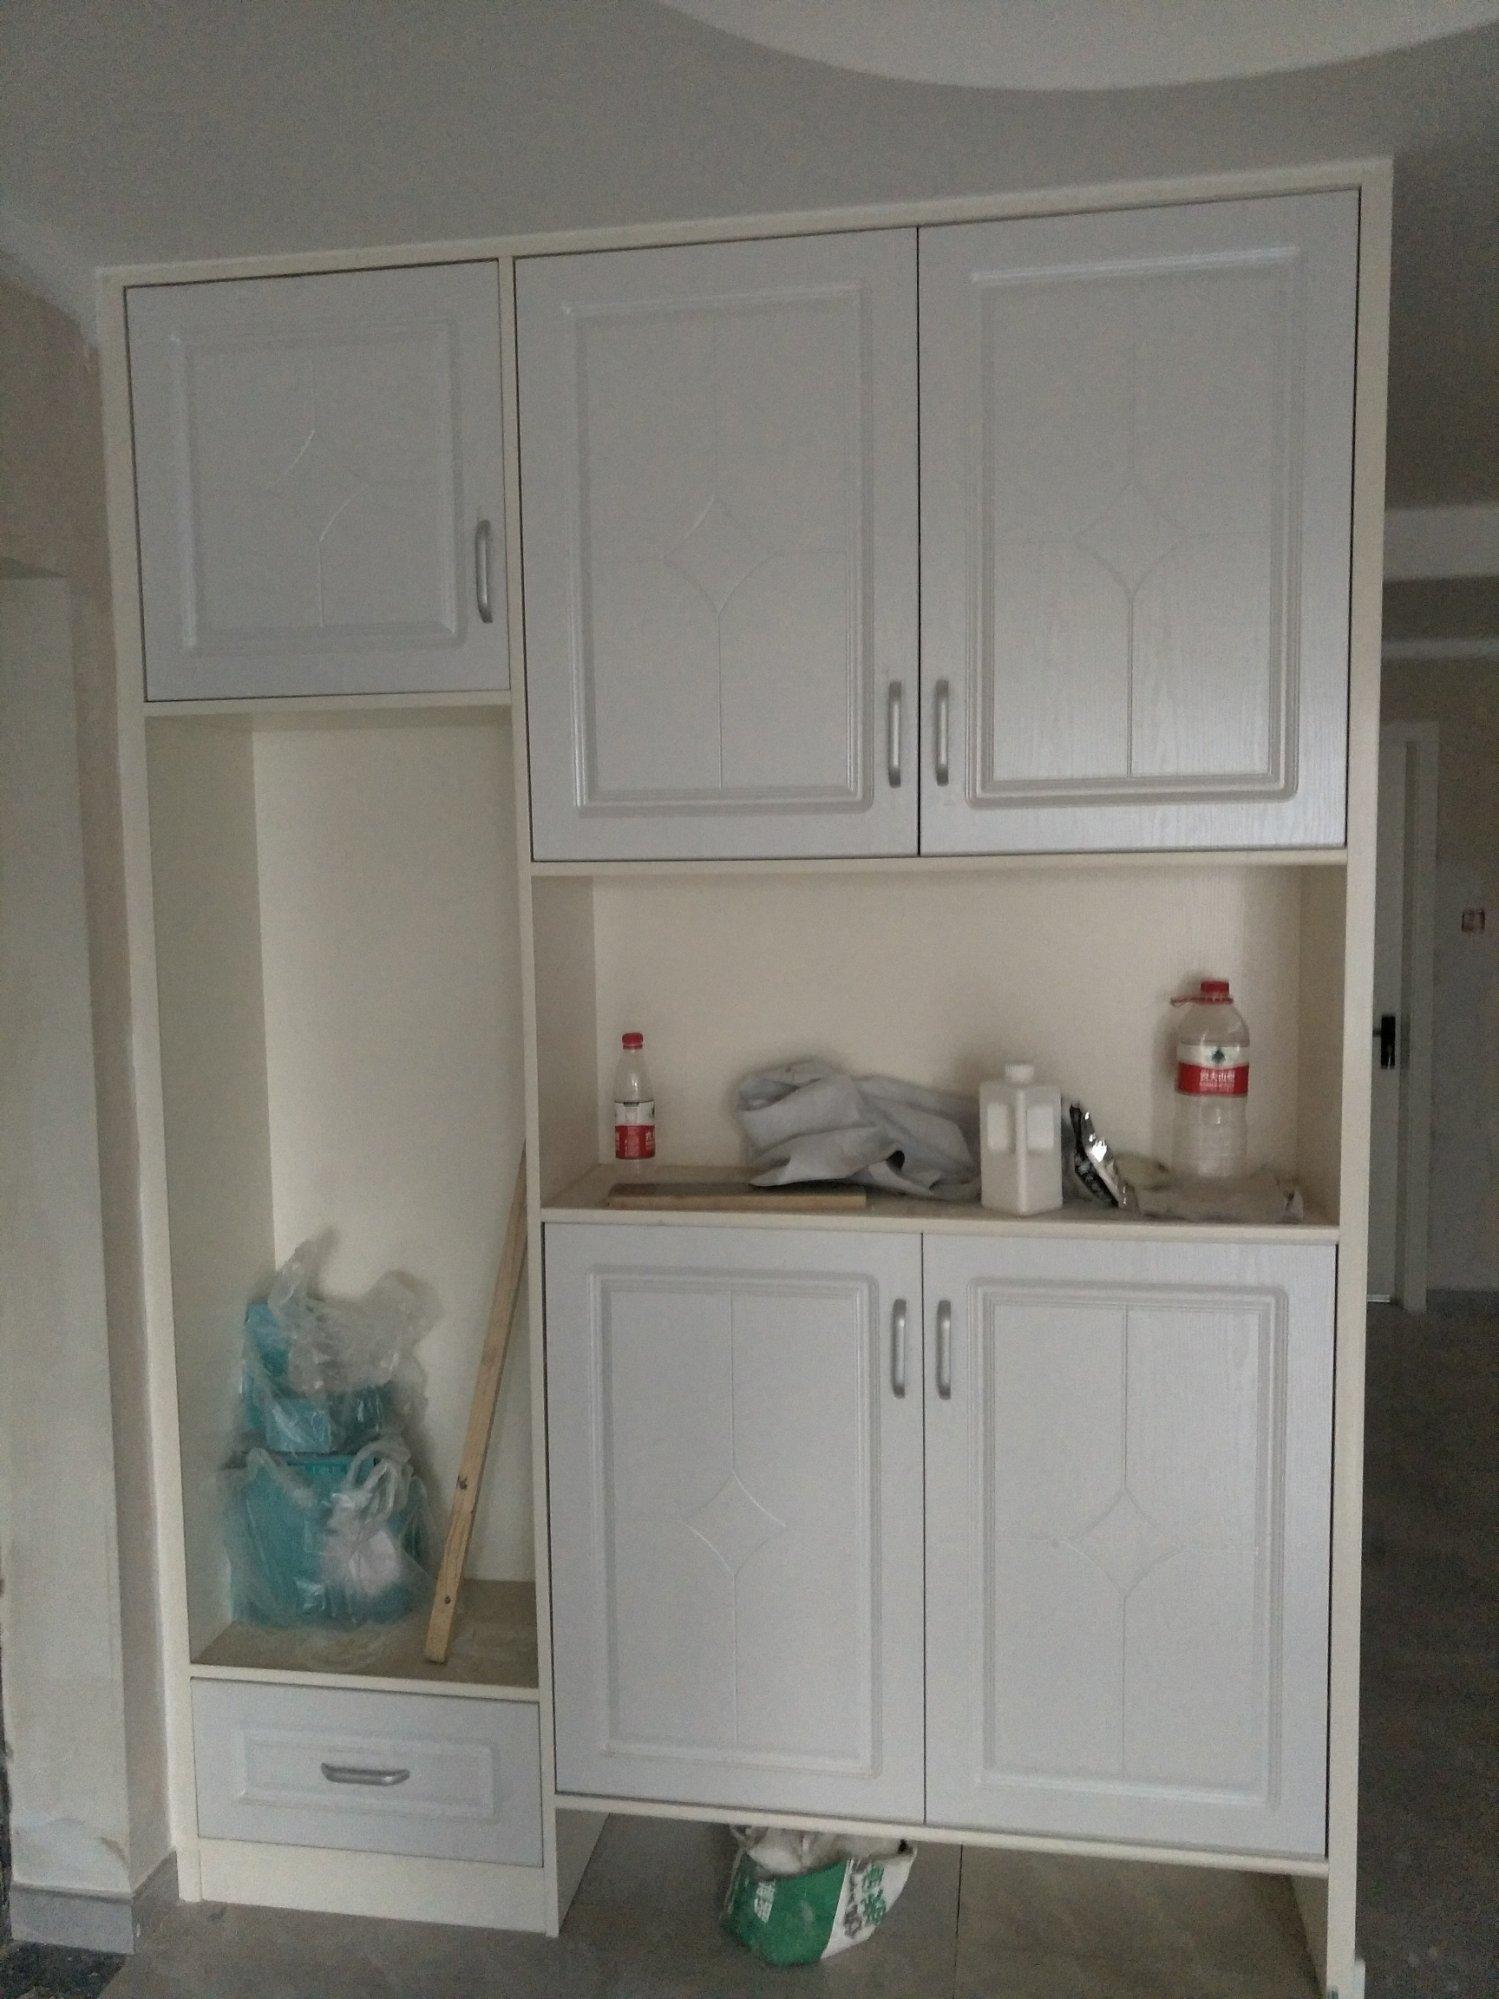 家里的柜体用的是免漆板,门板用的是烤漆,当初装修公司也没提到这样搭配有明显的色差